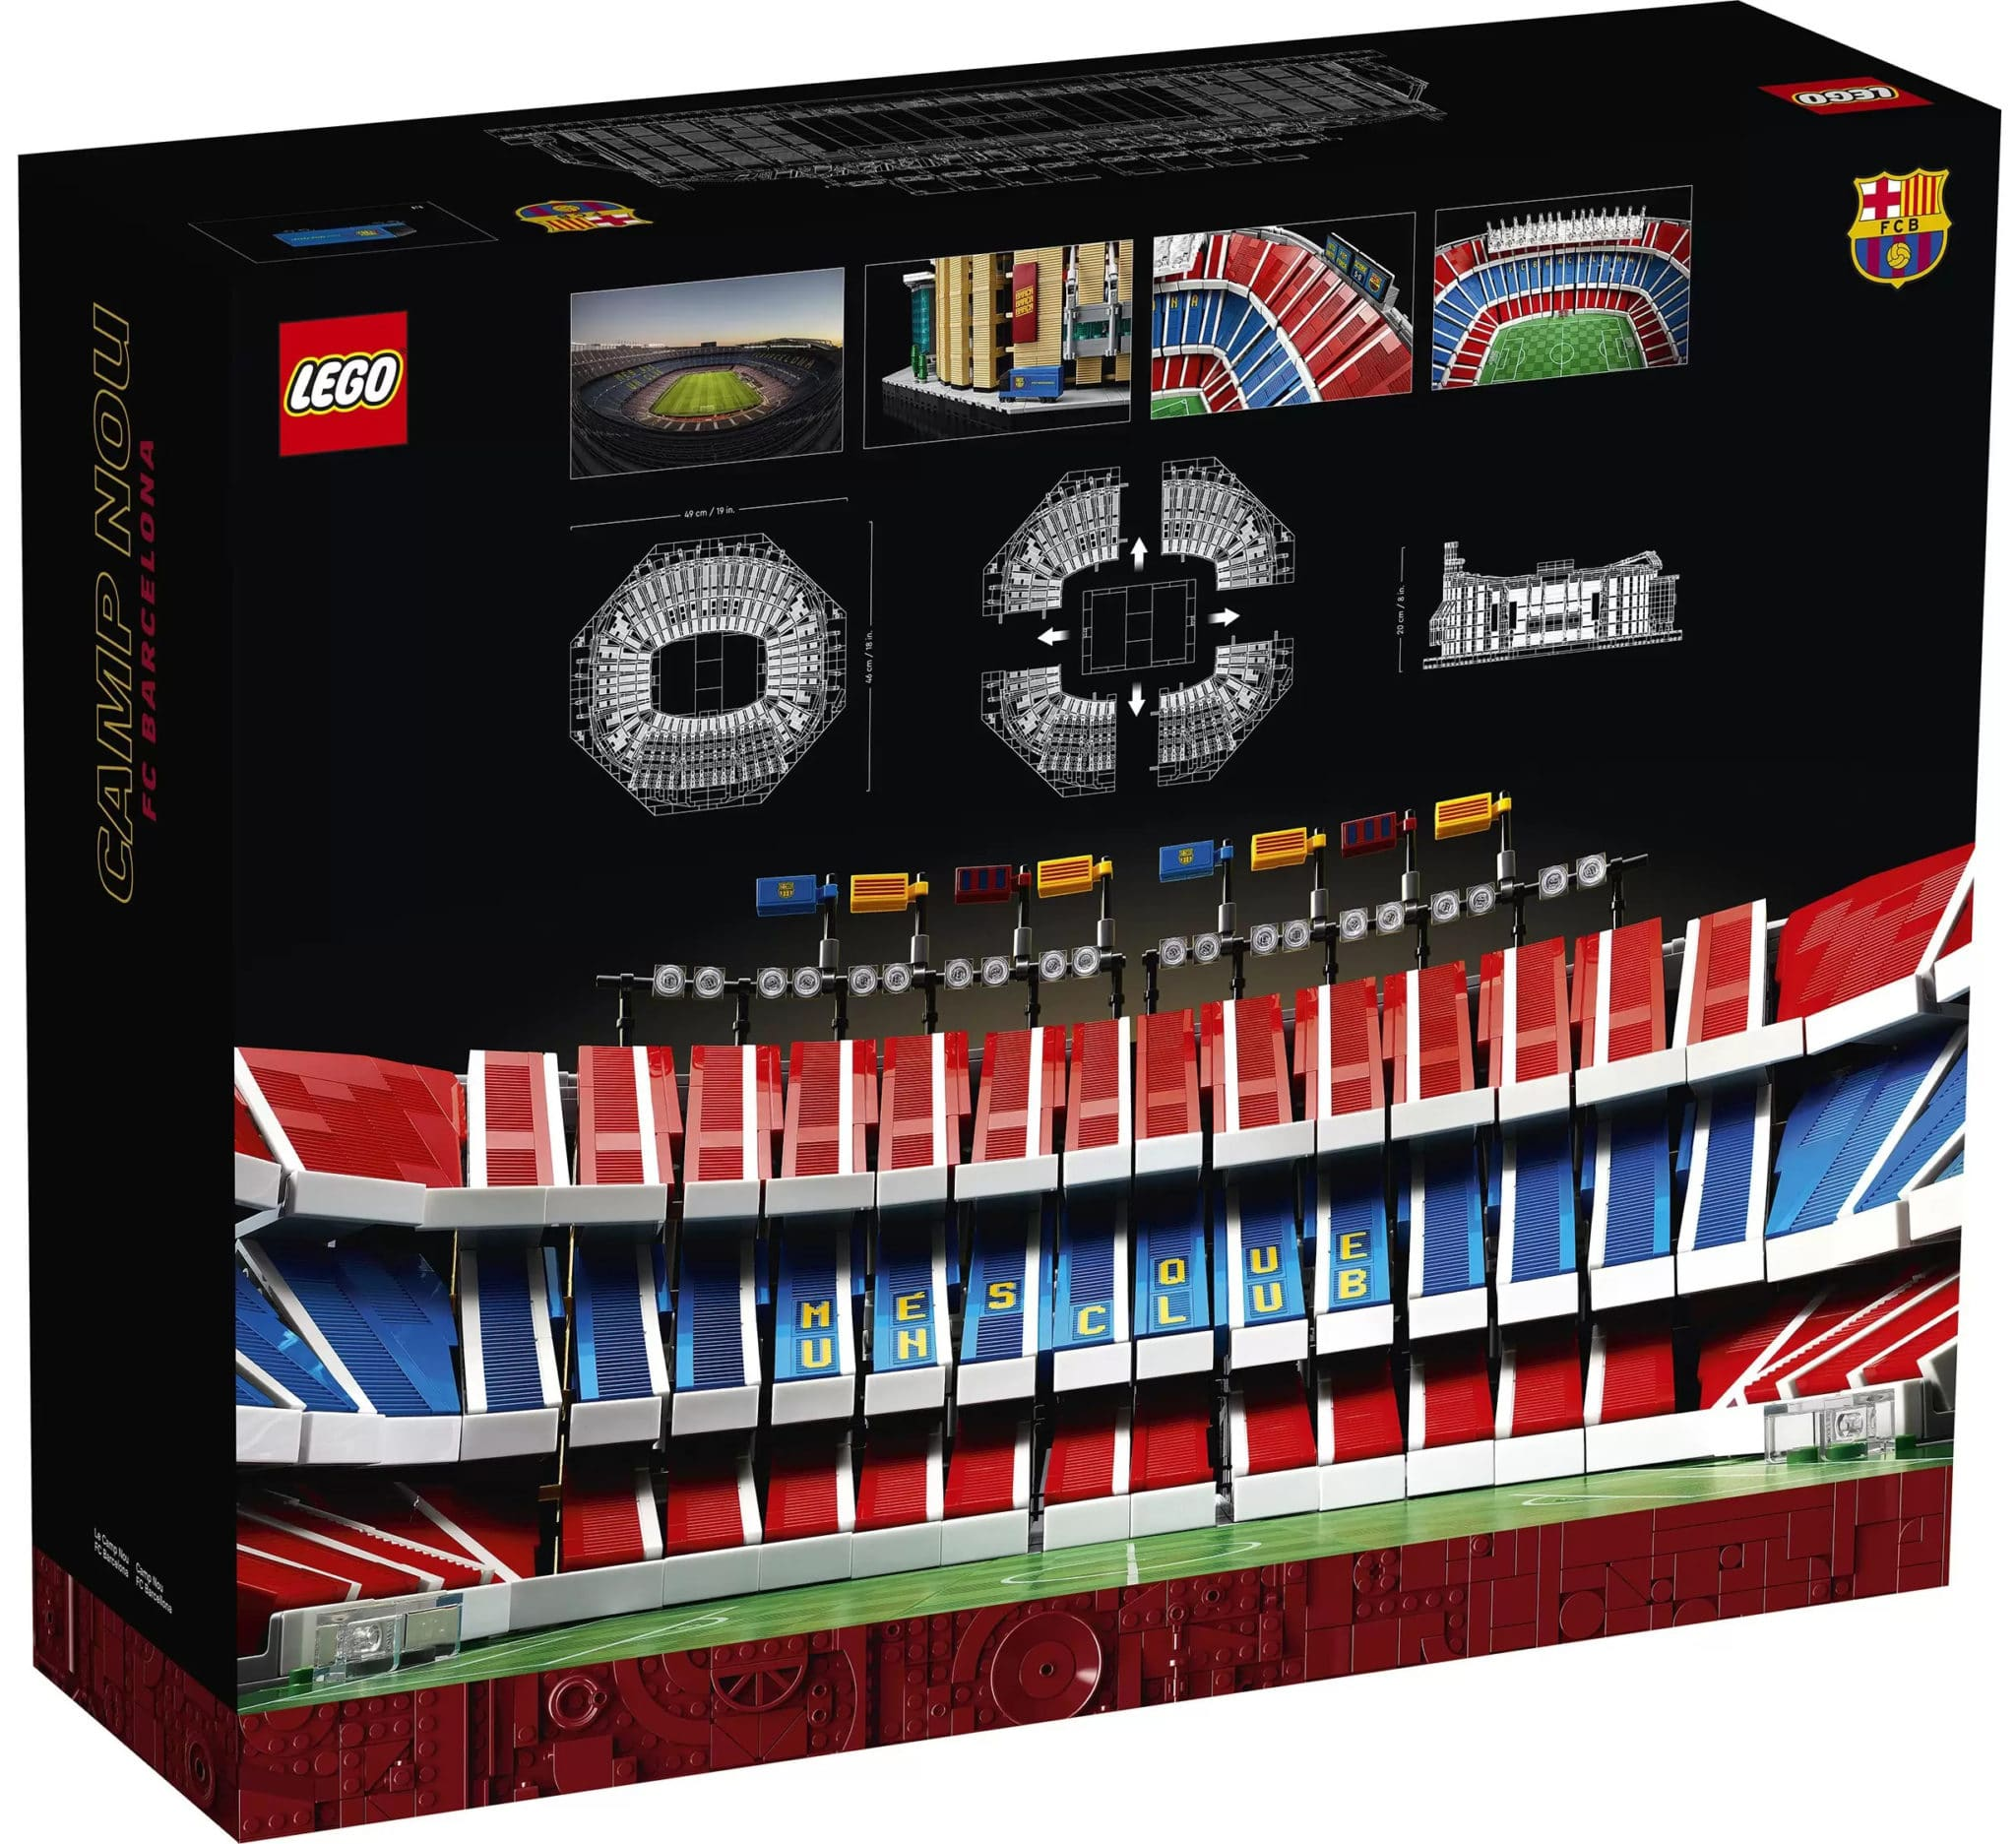 LEGO 10284 Fc Barcelona Camp Nou Stadion (28)